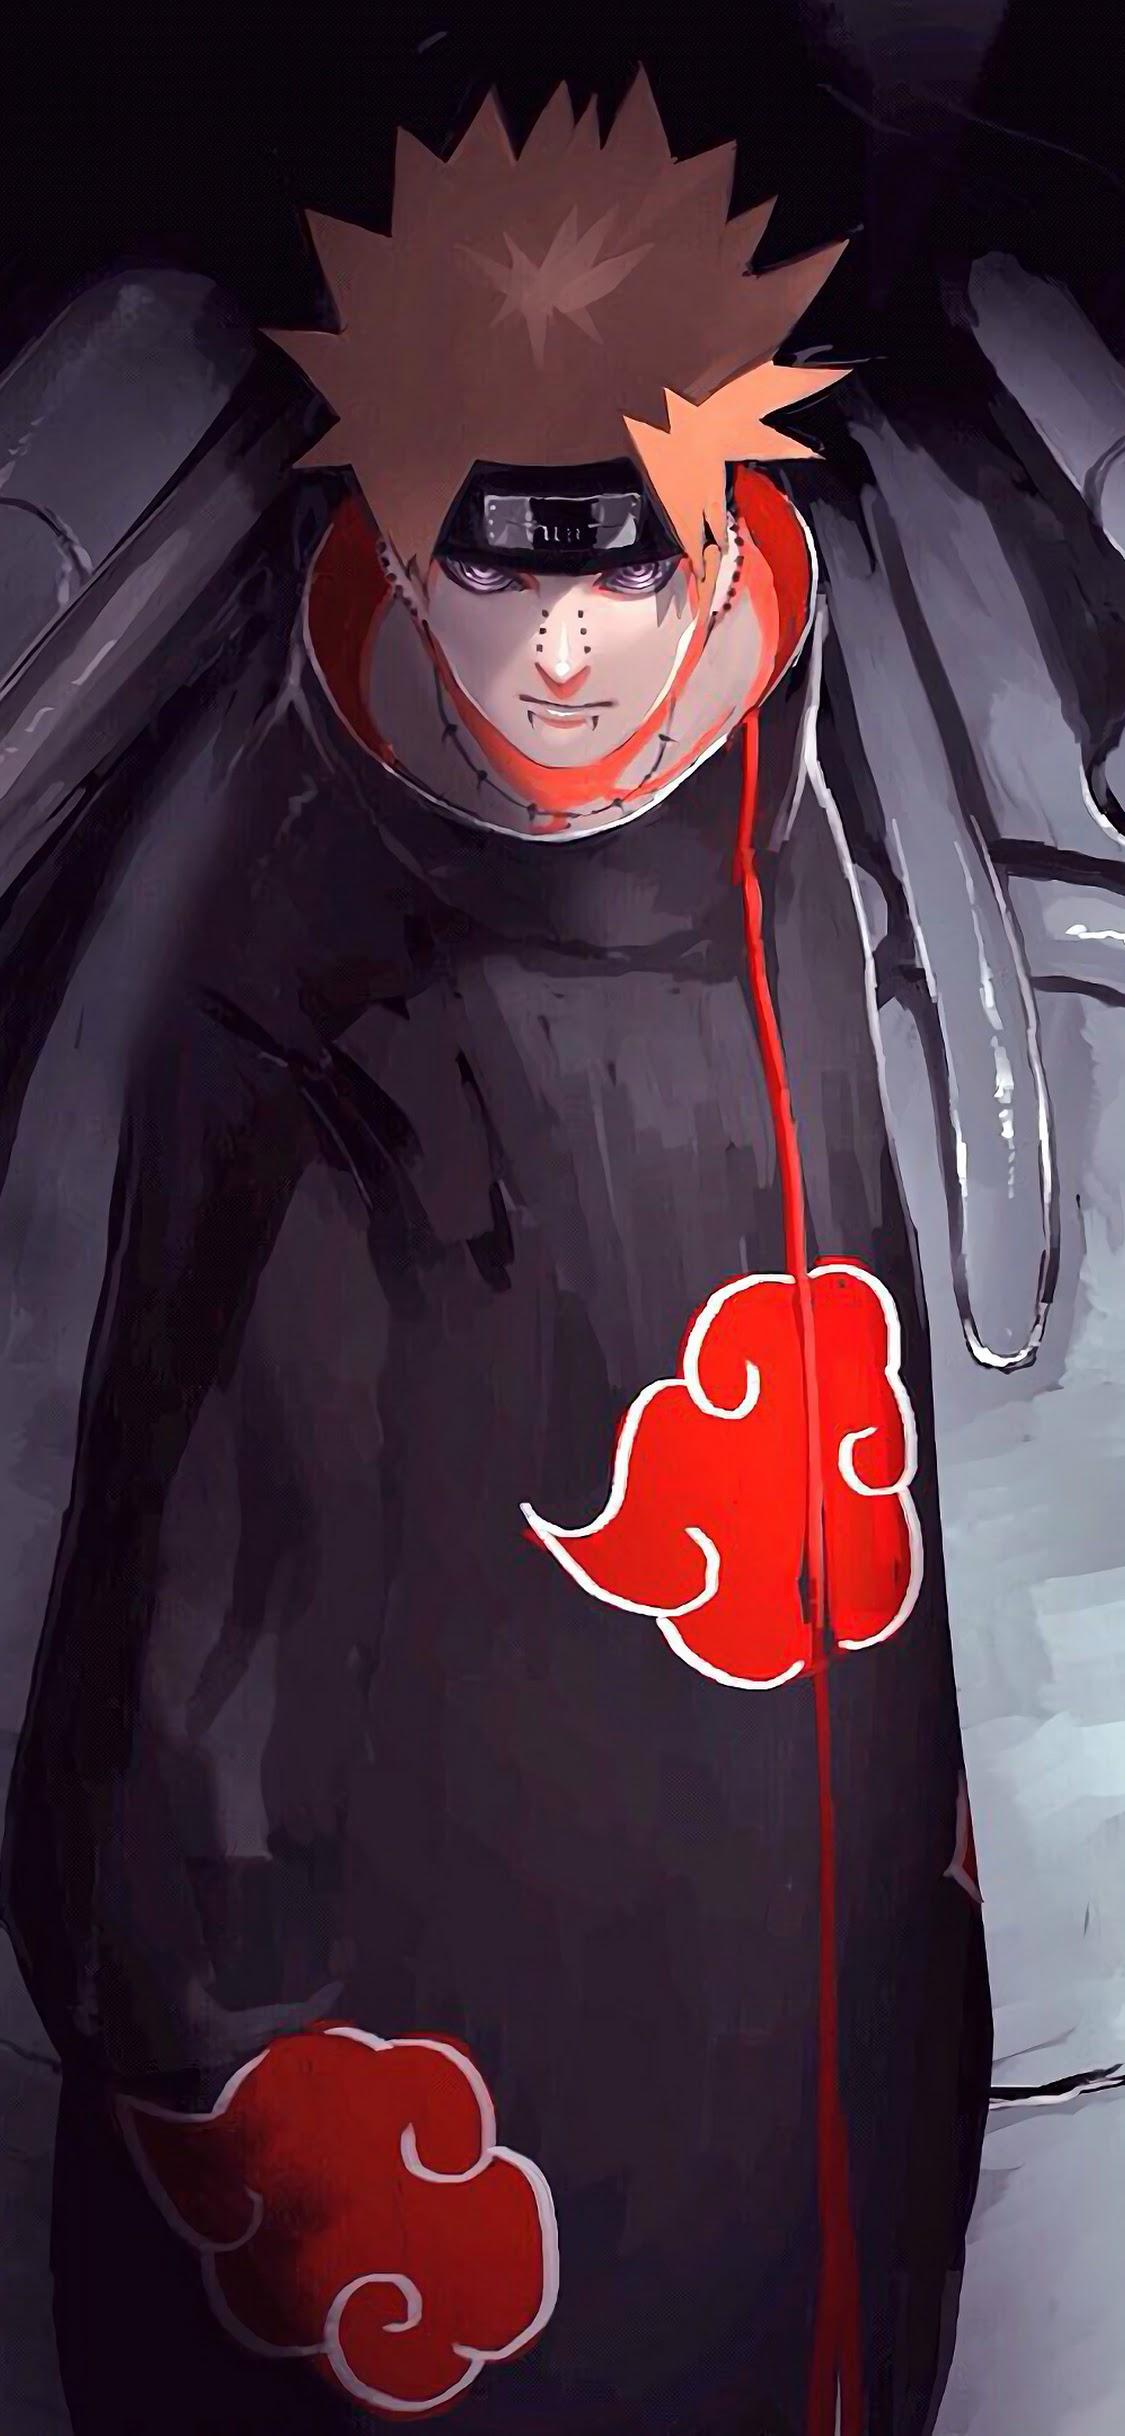 Pain Naruto Wallpaper Hd